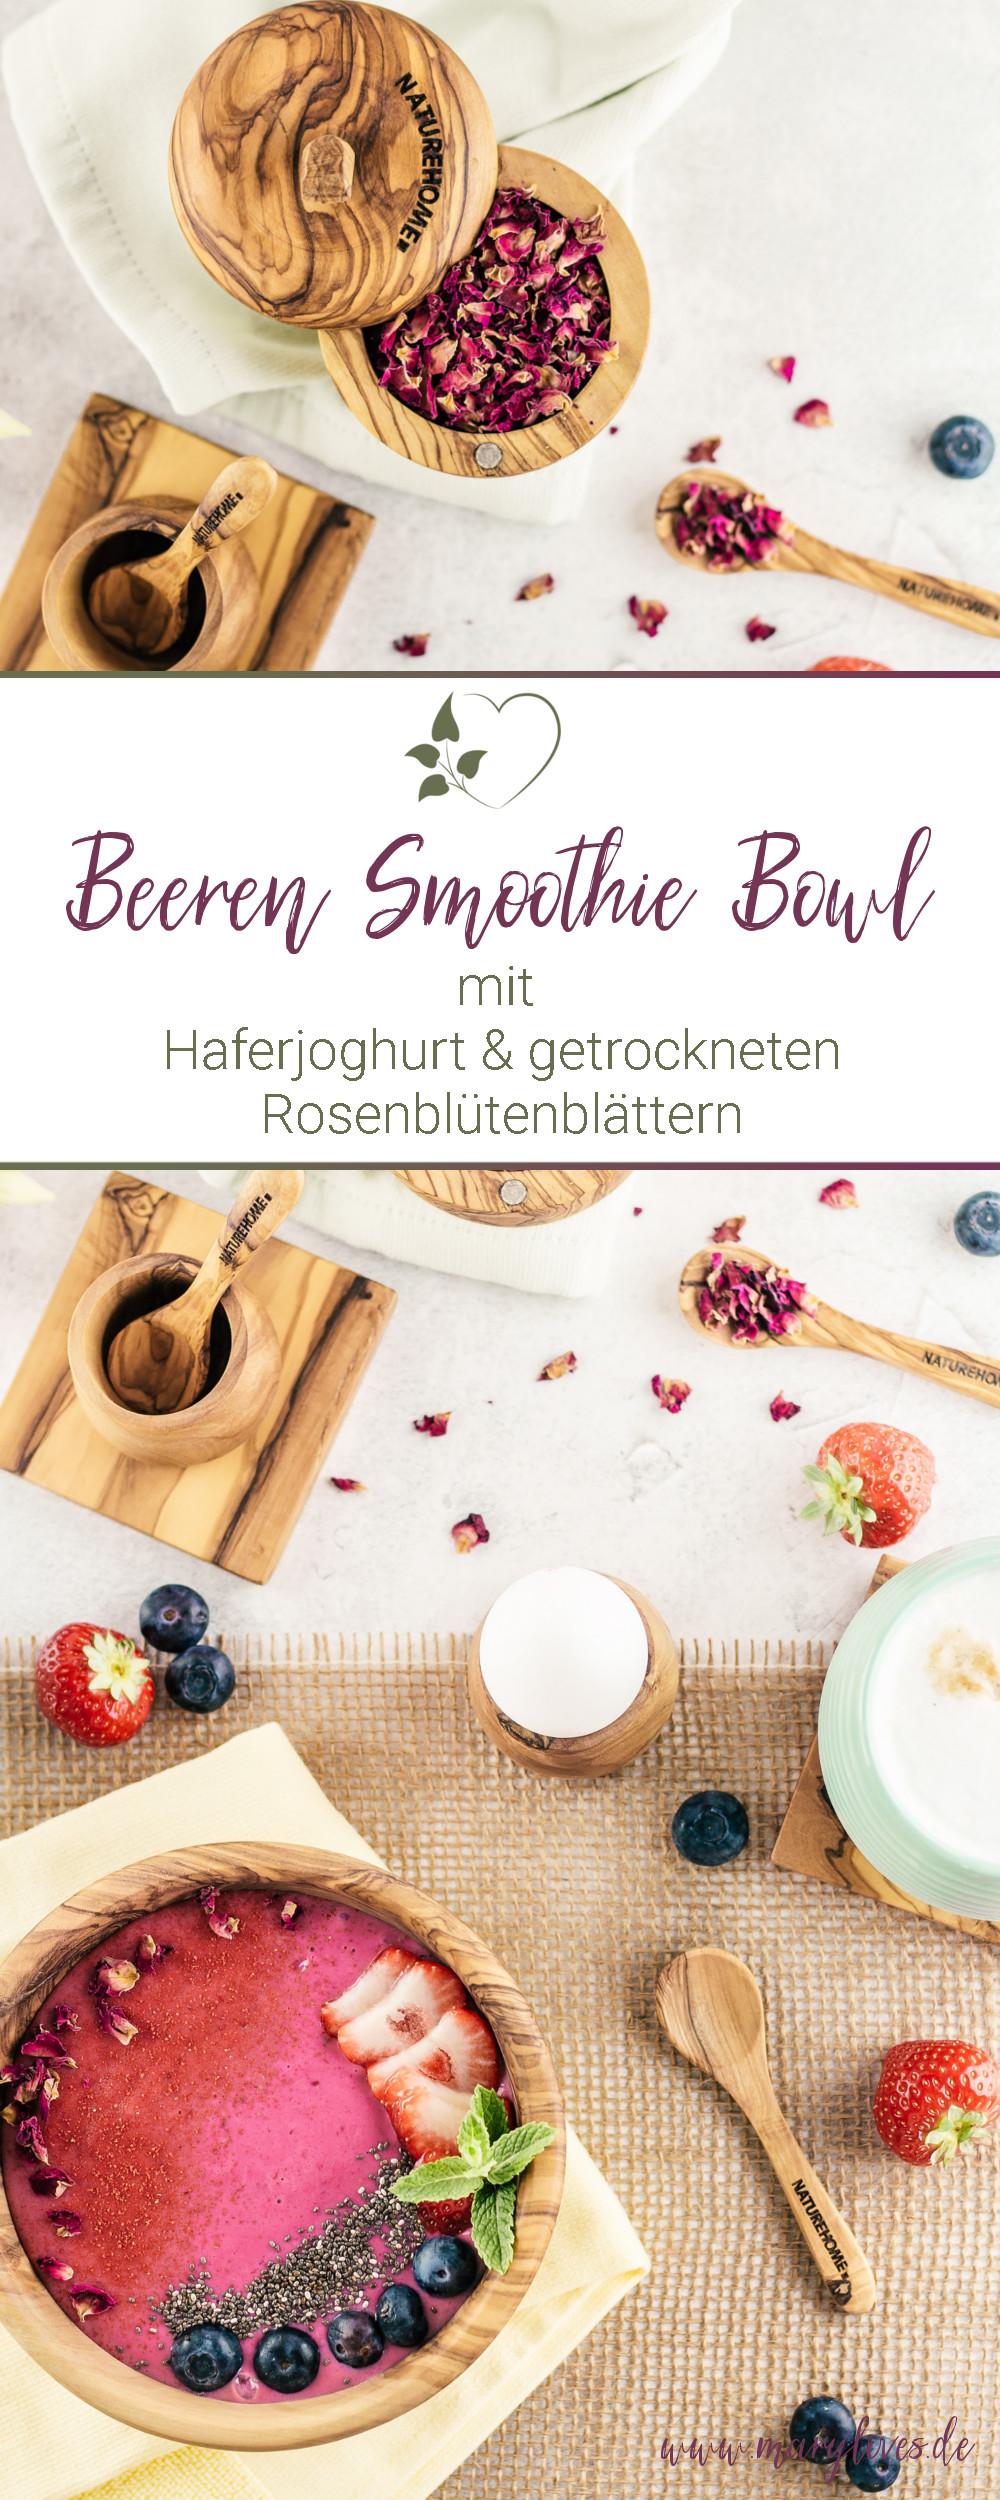 [Anzeige] Beeren Smoothie Bowl mit getrockneten Rosenblütenblättern - #smoothiebowl #frühstück #beerensmoothiebowl #smoothie #frühstücksrezept #zuckerfrei #vegan